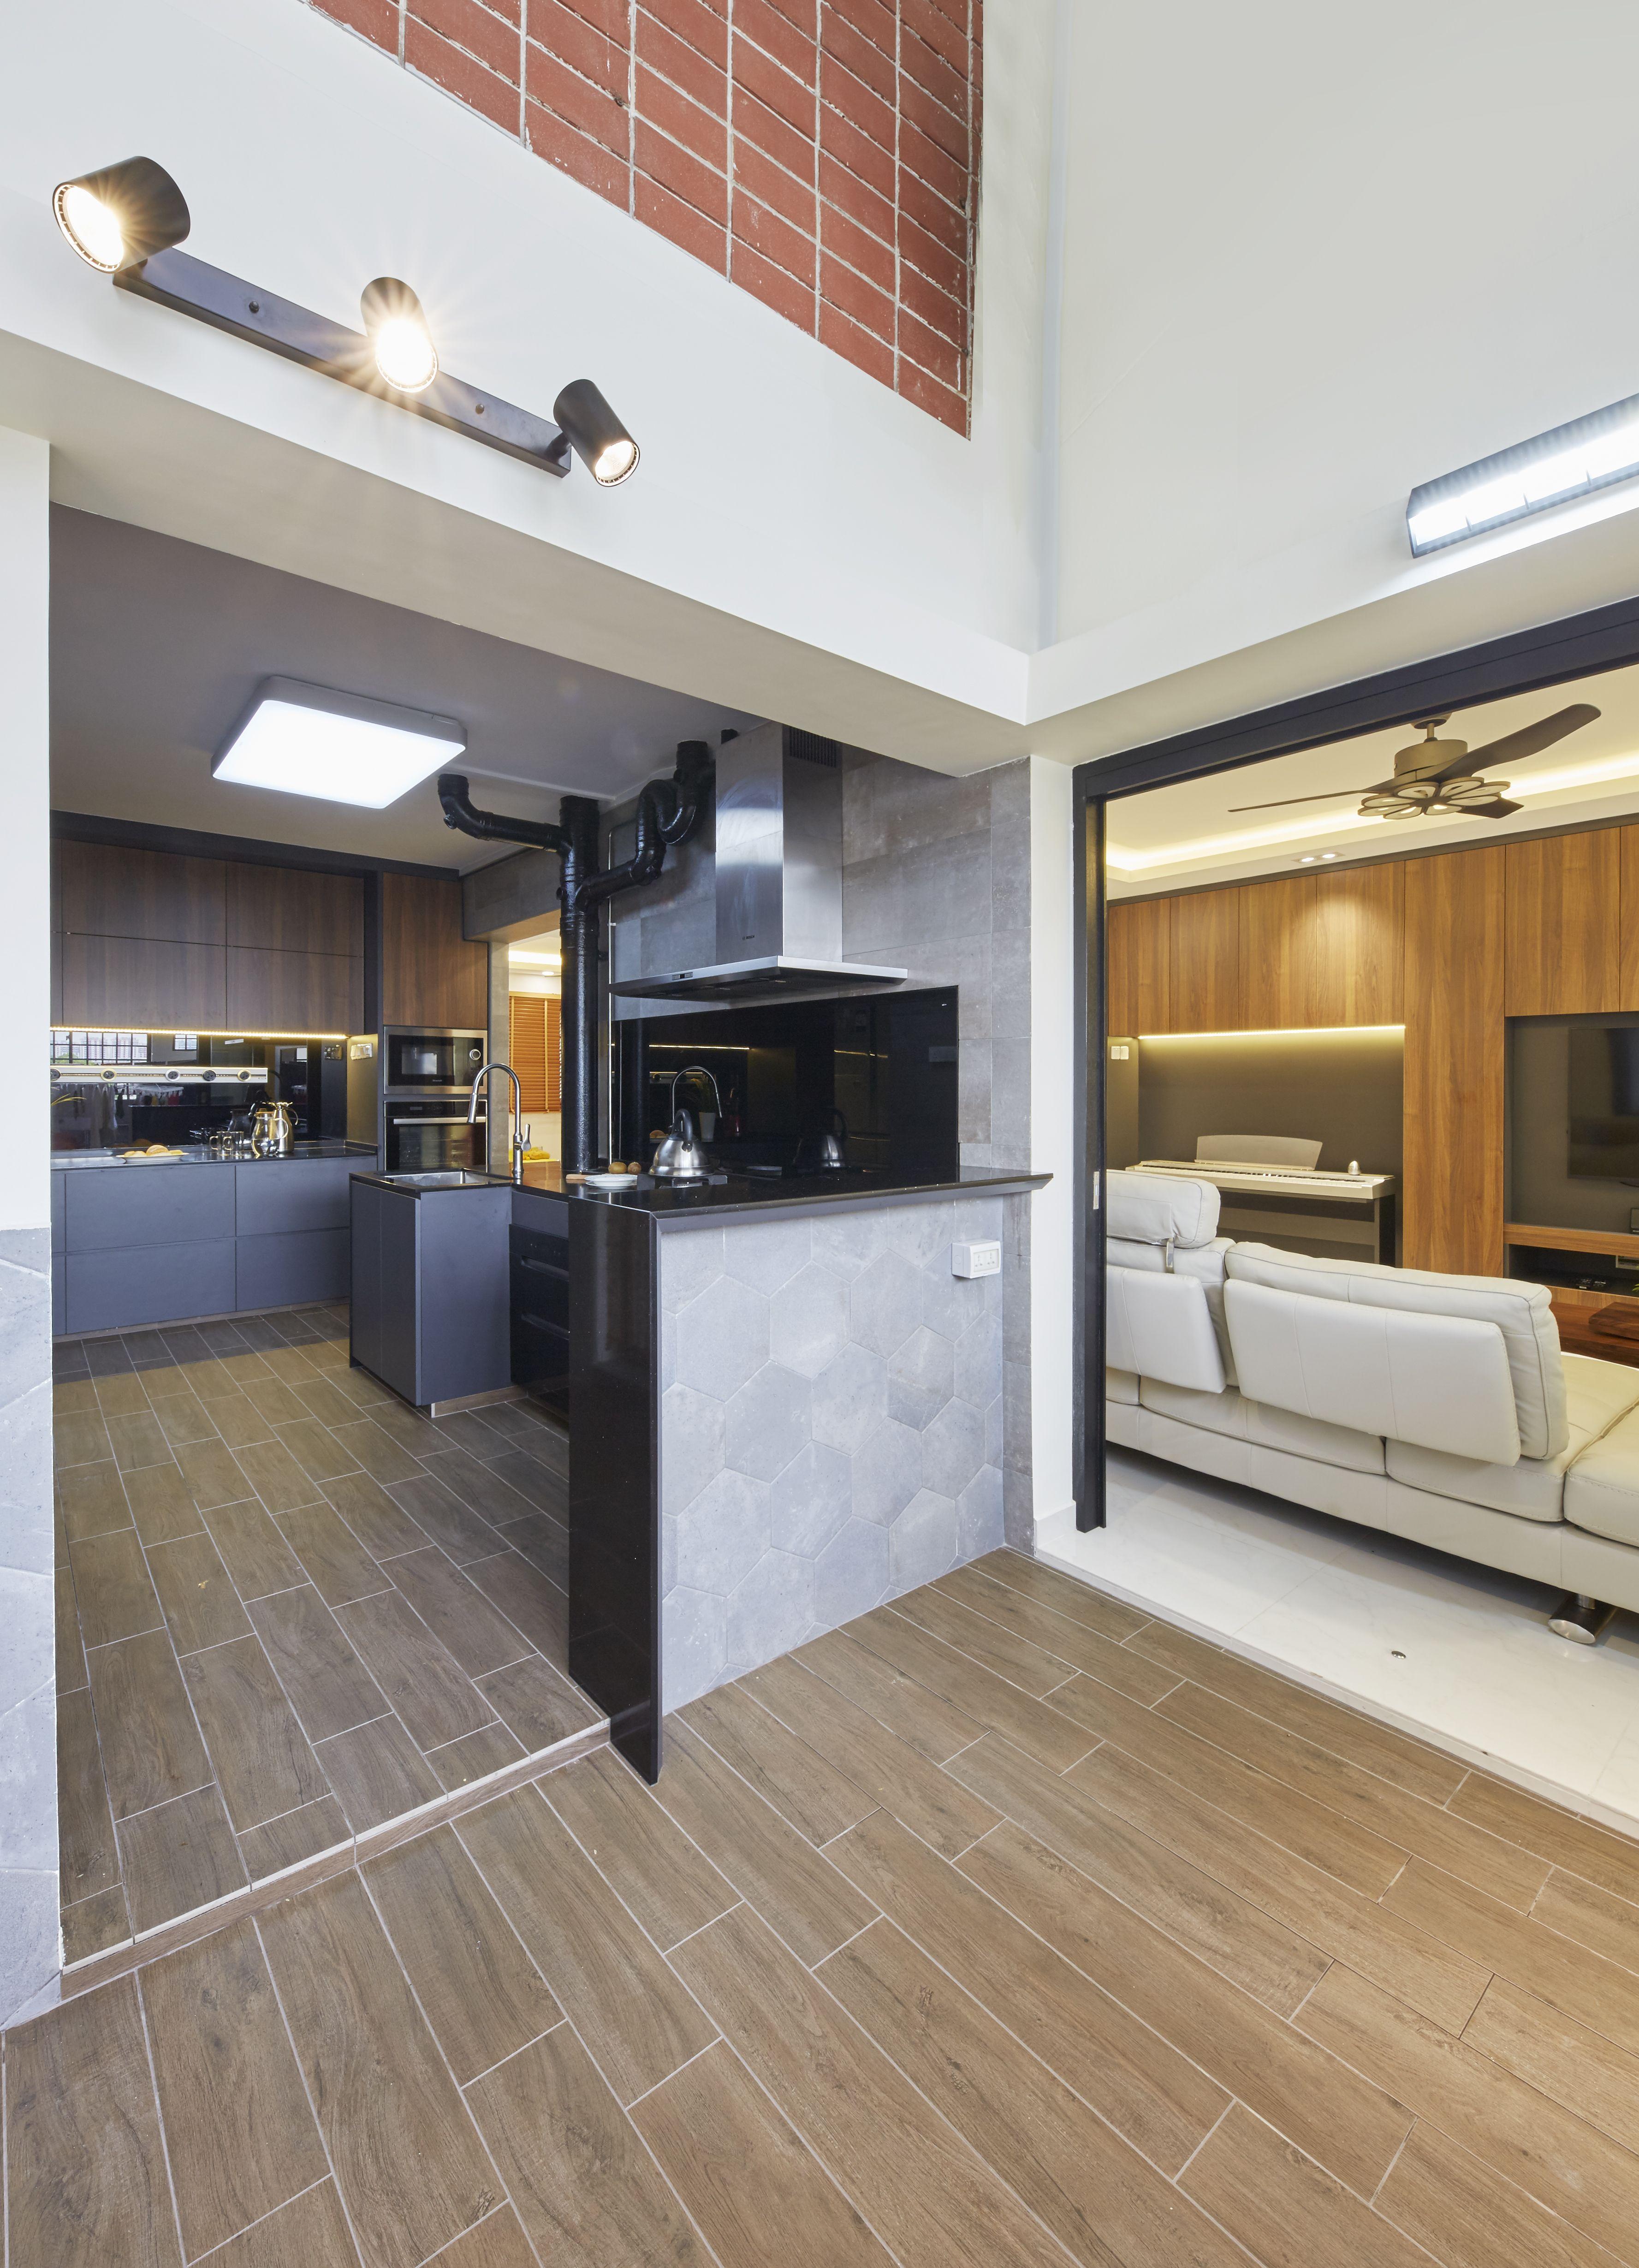 Singapore Interior Design Tile Design Interior Design Singapore